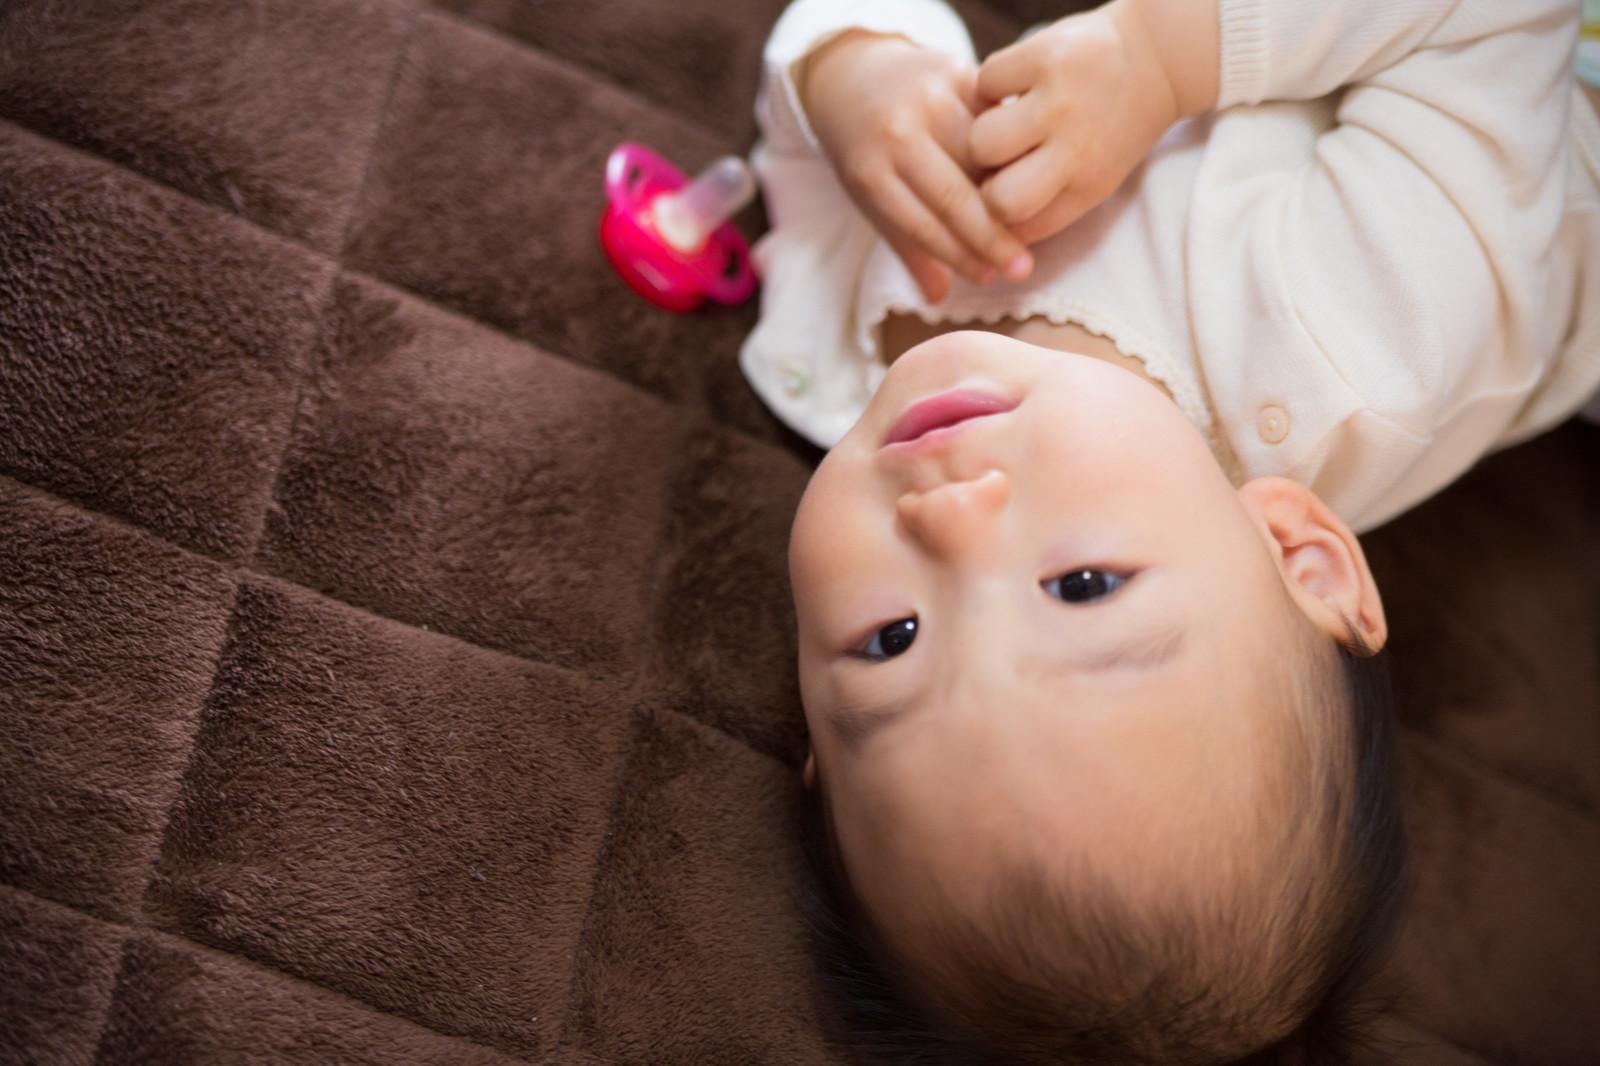 赤ちゃんの性別判定方法